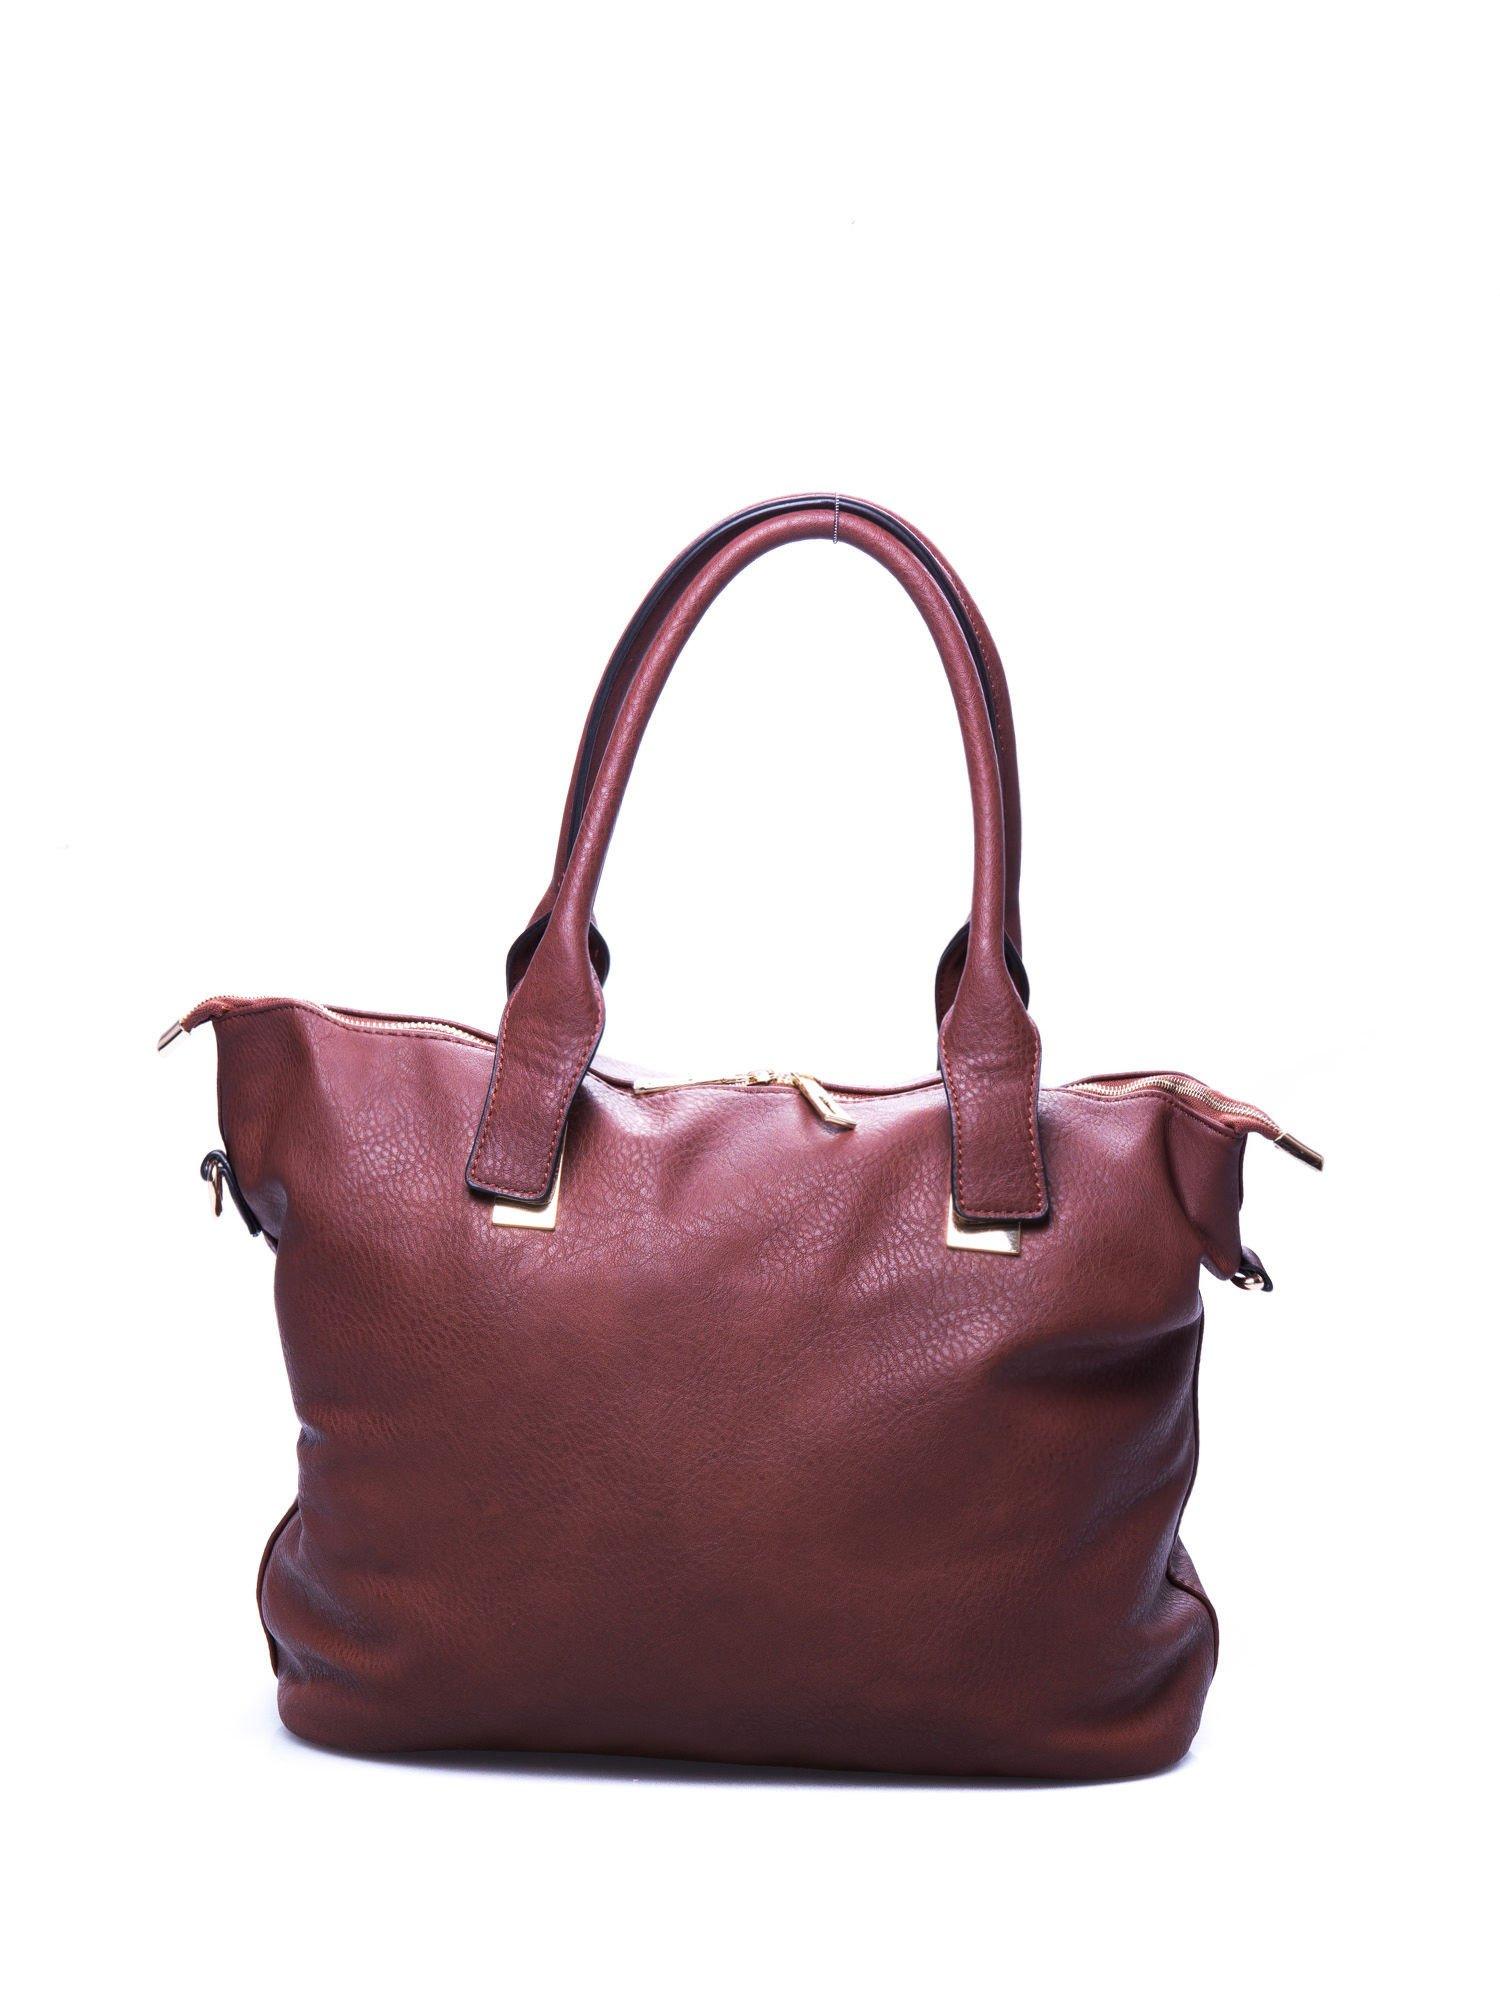 Brązowa torba shopper bag ze złotymi detalami                                  zdj.                                  1